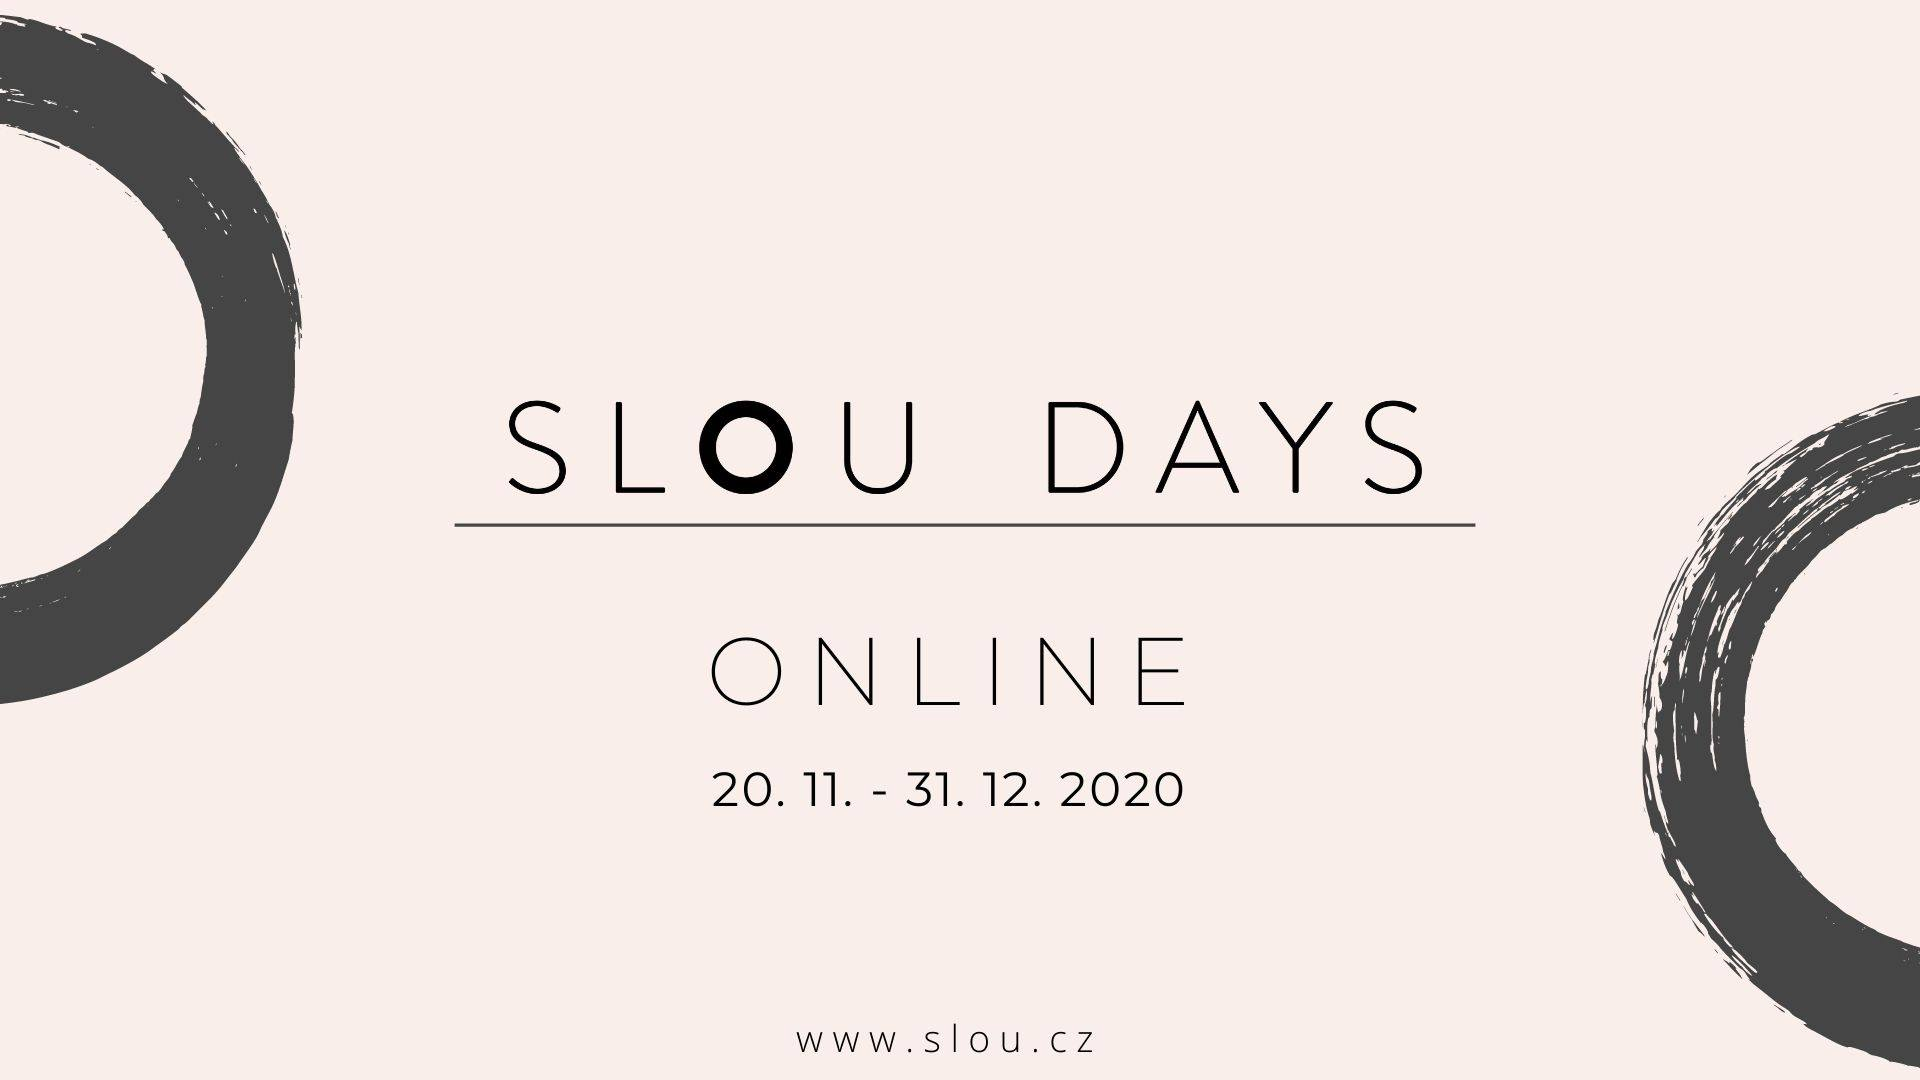 Online SLOU DAYS 20.11. - 31.12.2020